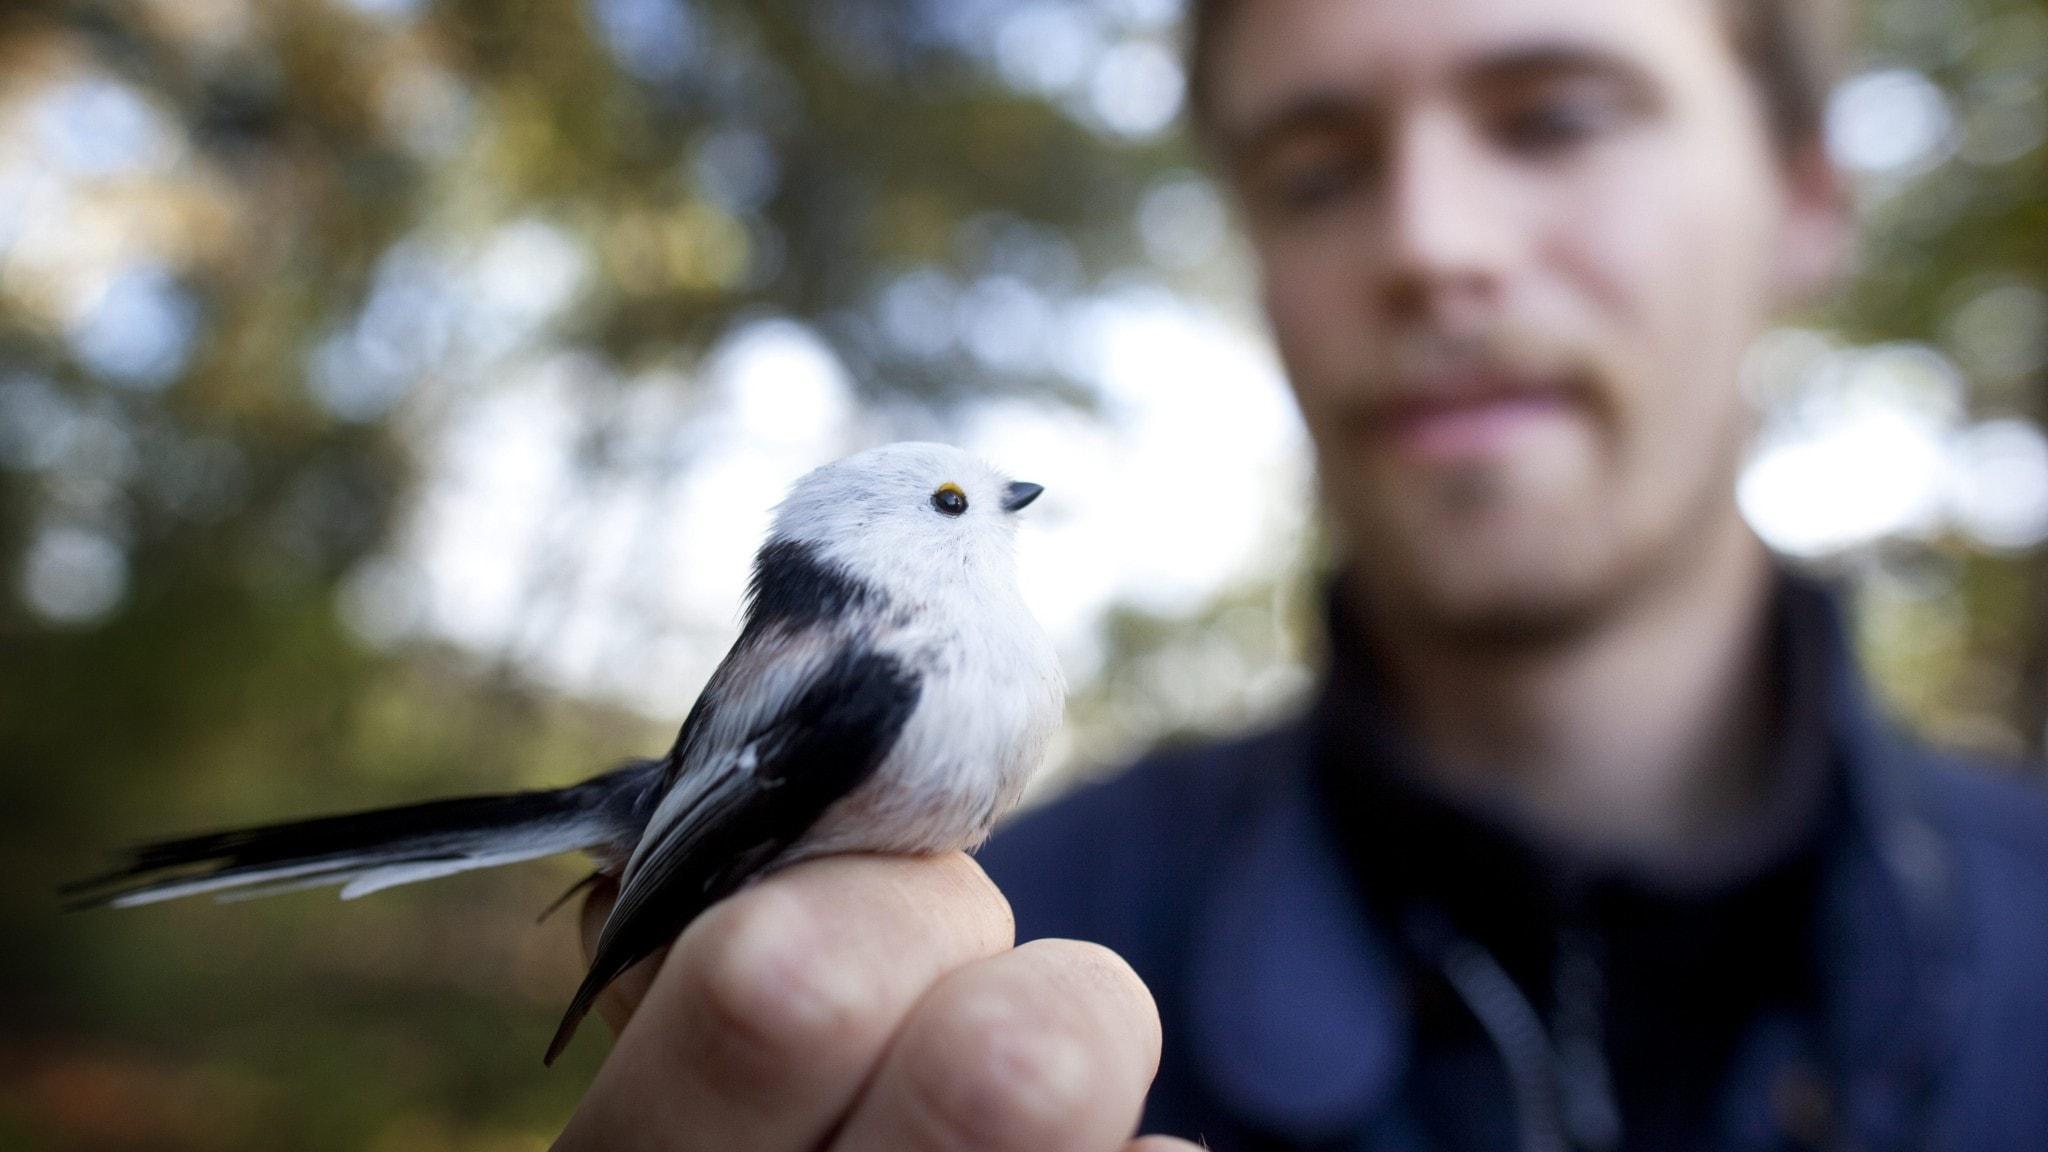 Englands fågelfauna påverkas av klimatförändringar